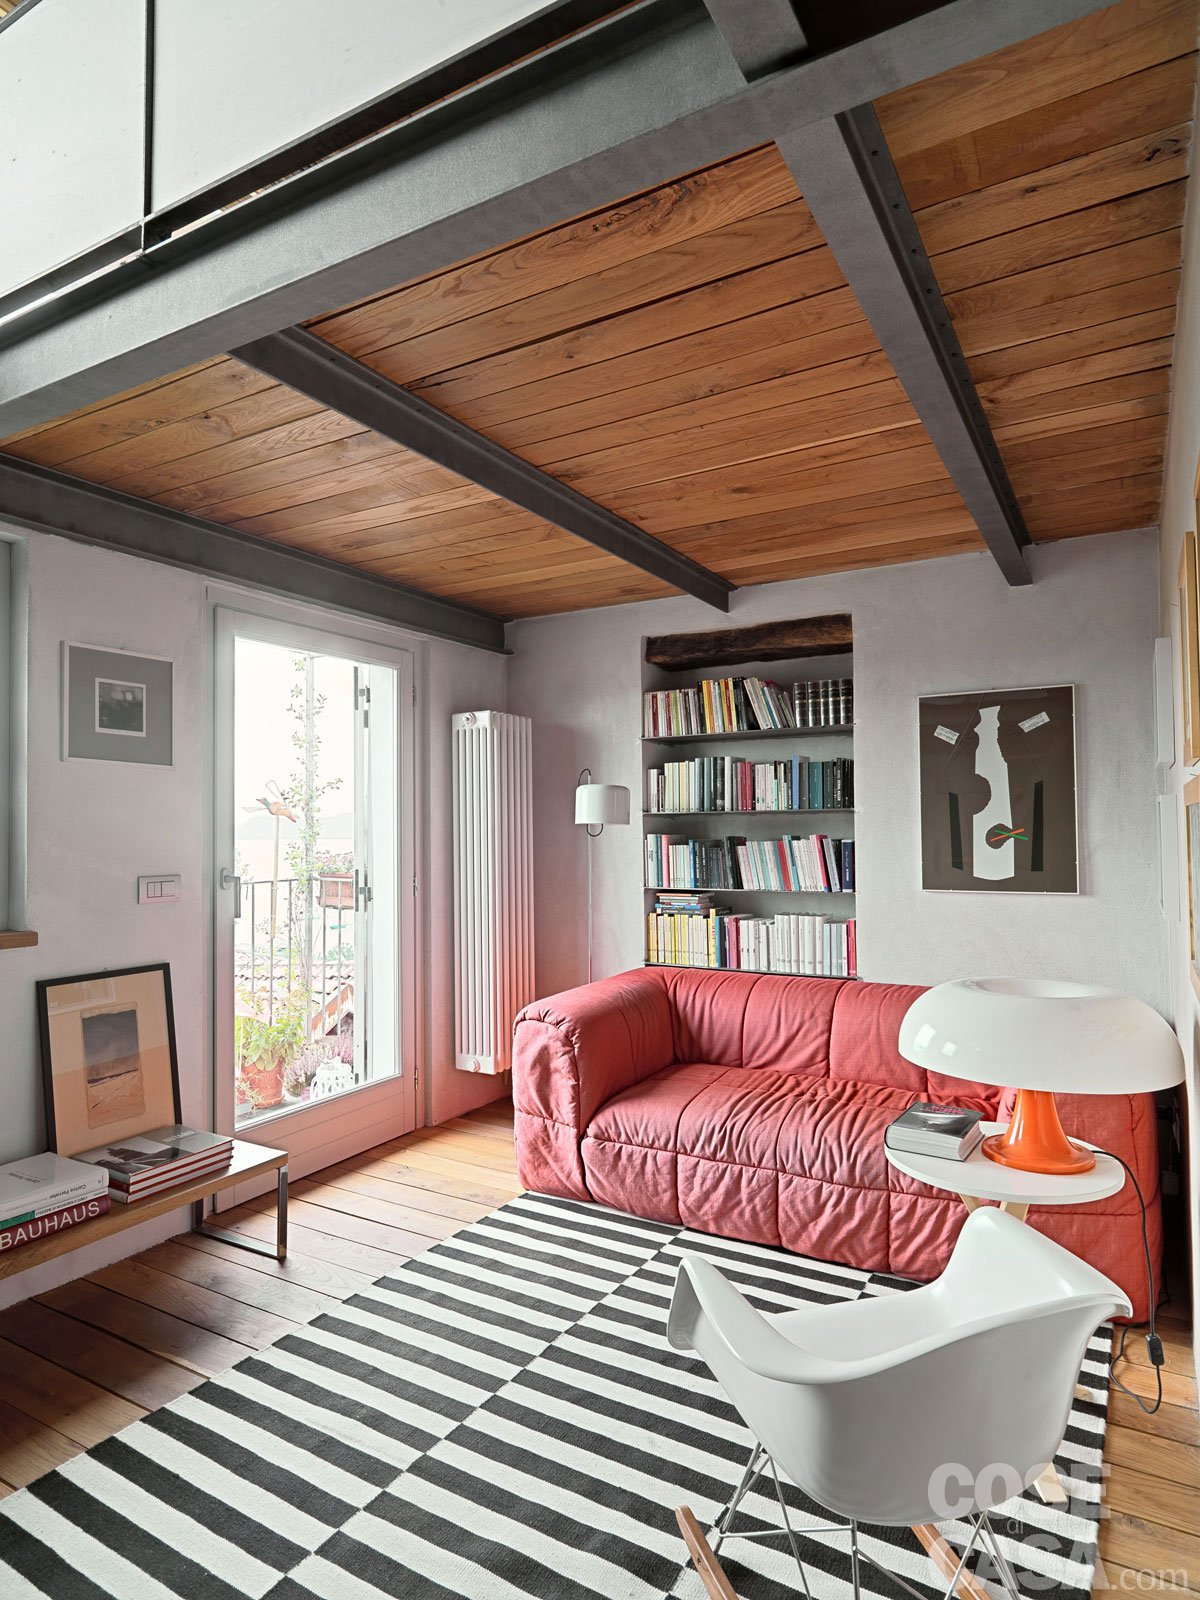 Soffitto Alto O Basso : Soffitto basso colore una casa ristrutturata ...